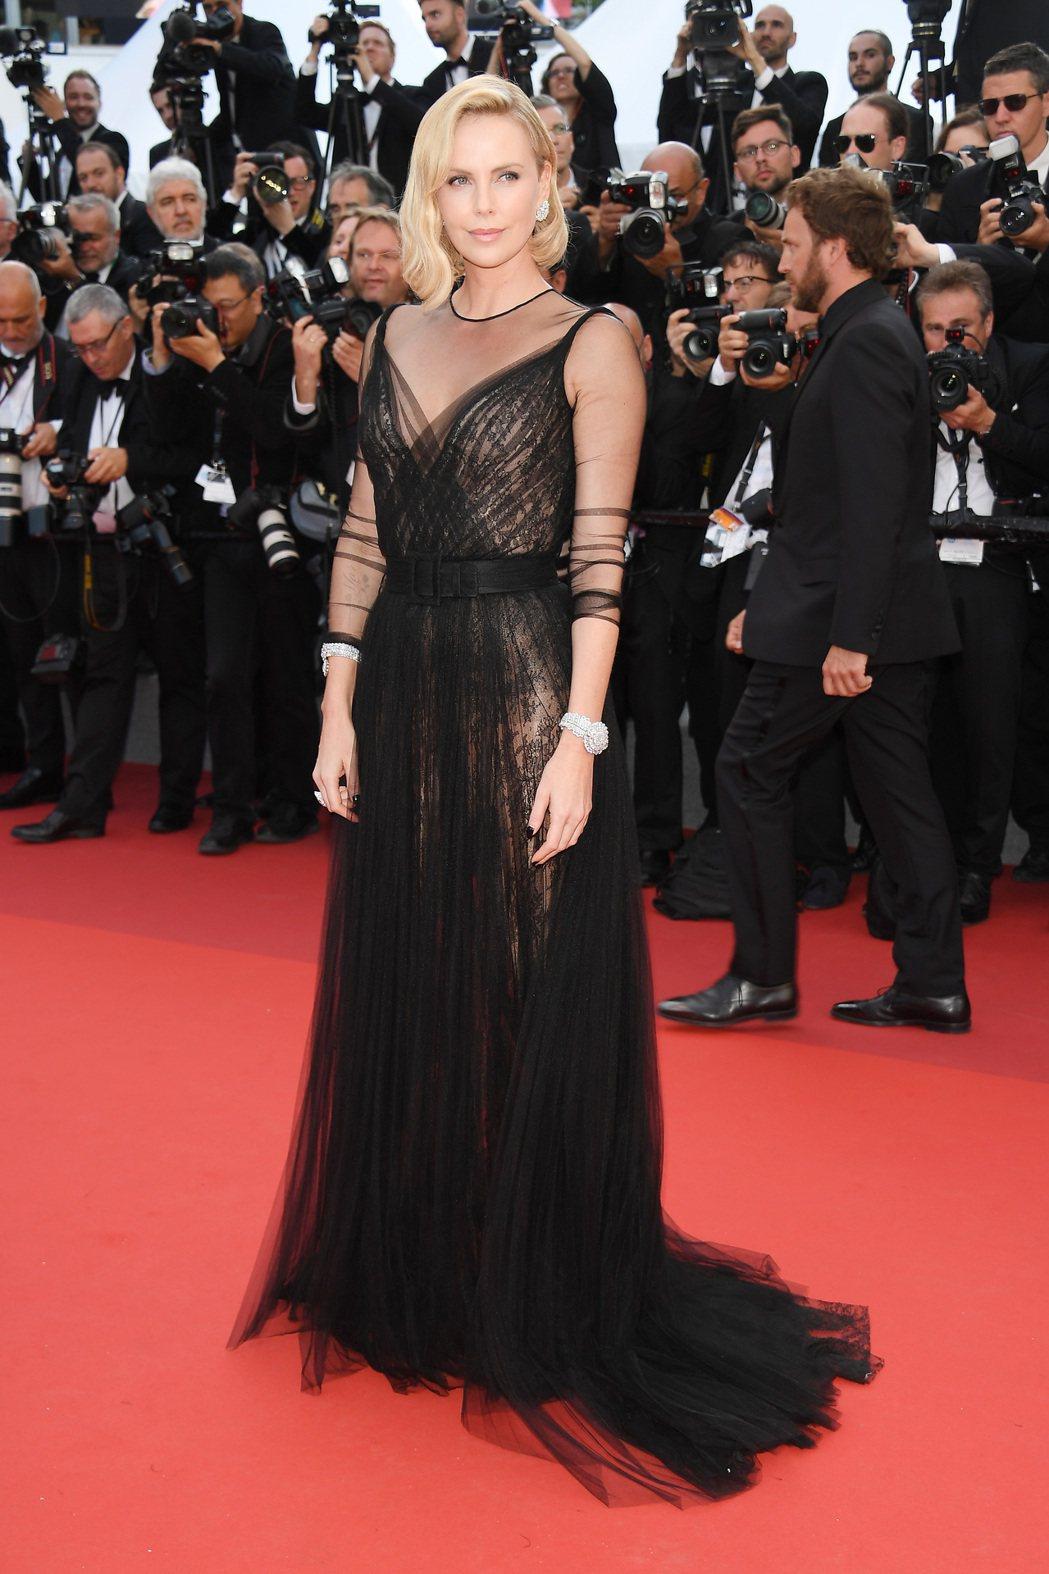 最近現身都是一身黑的莎莉賽隆,選穿華麗性感的DIOR黑色禮服。圖/DIOR提供